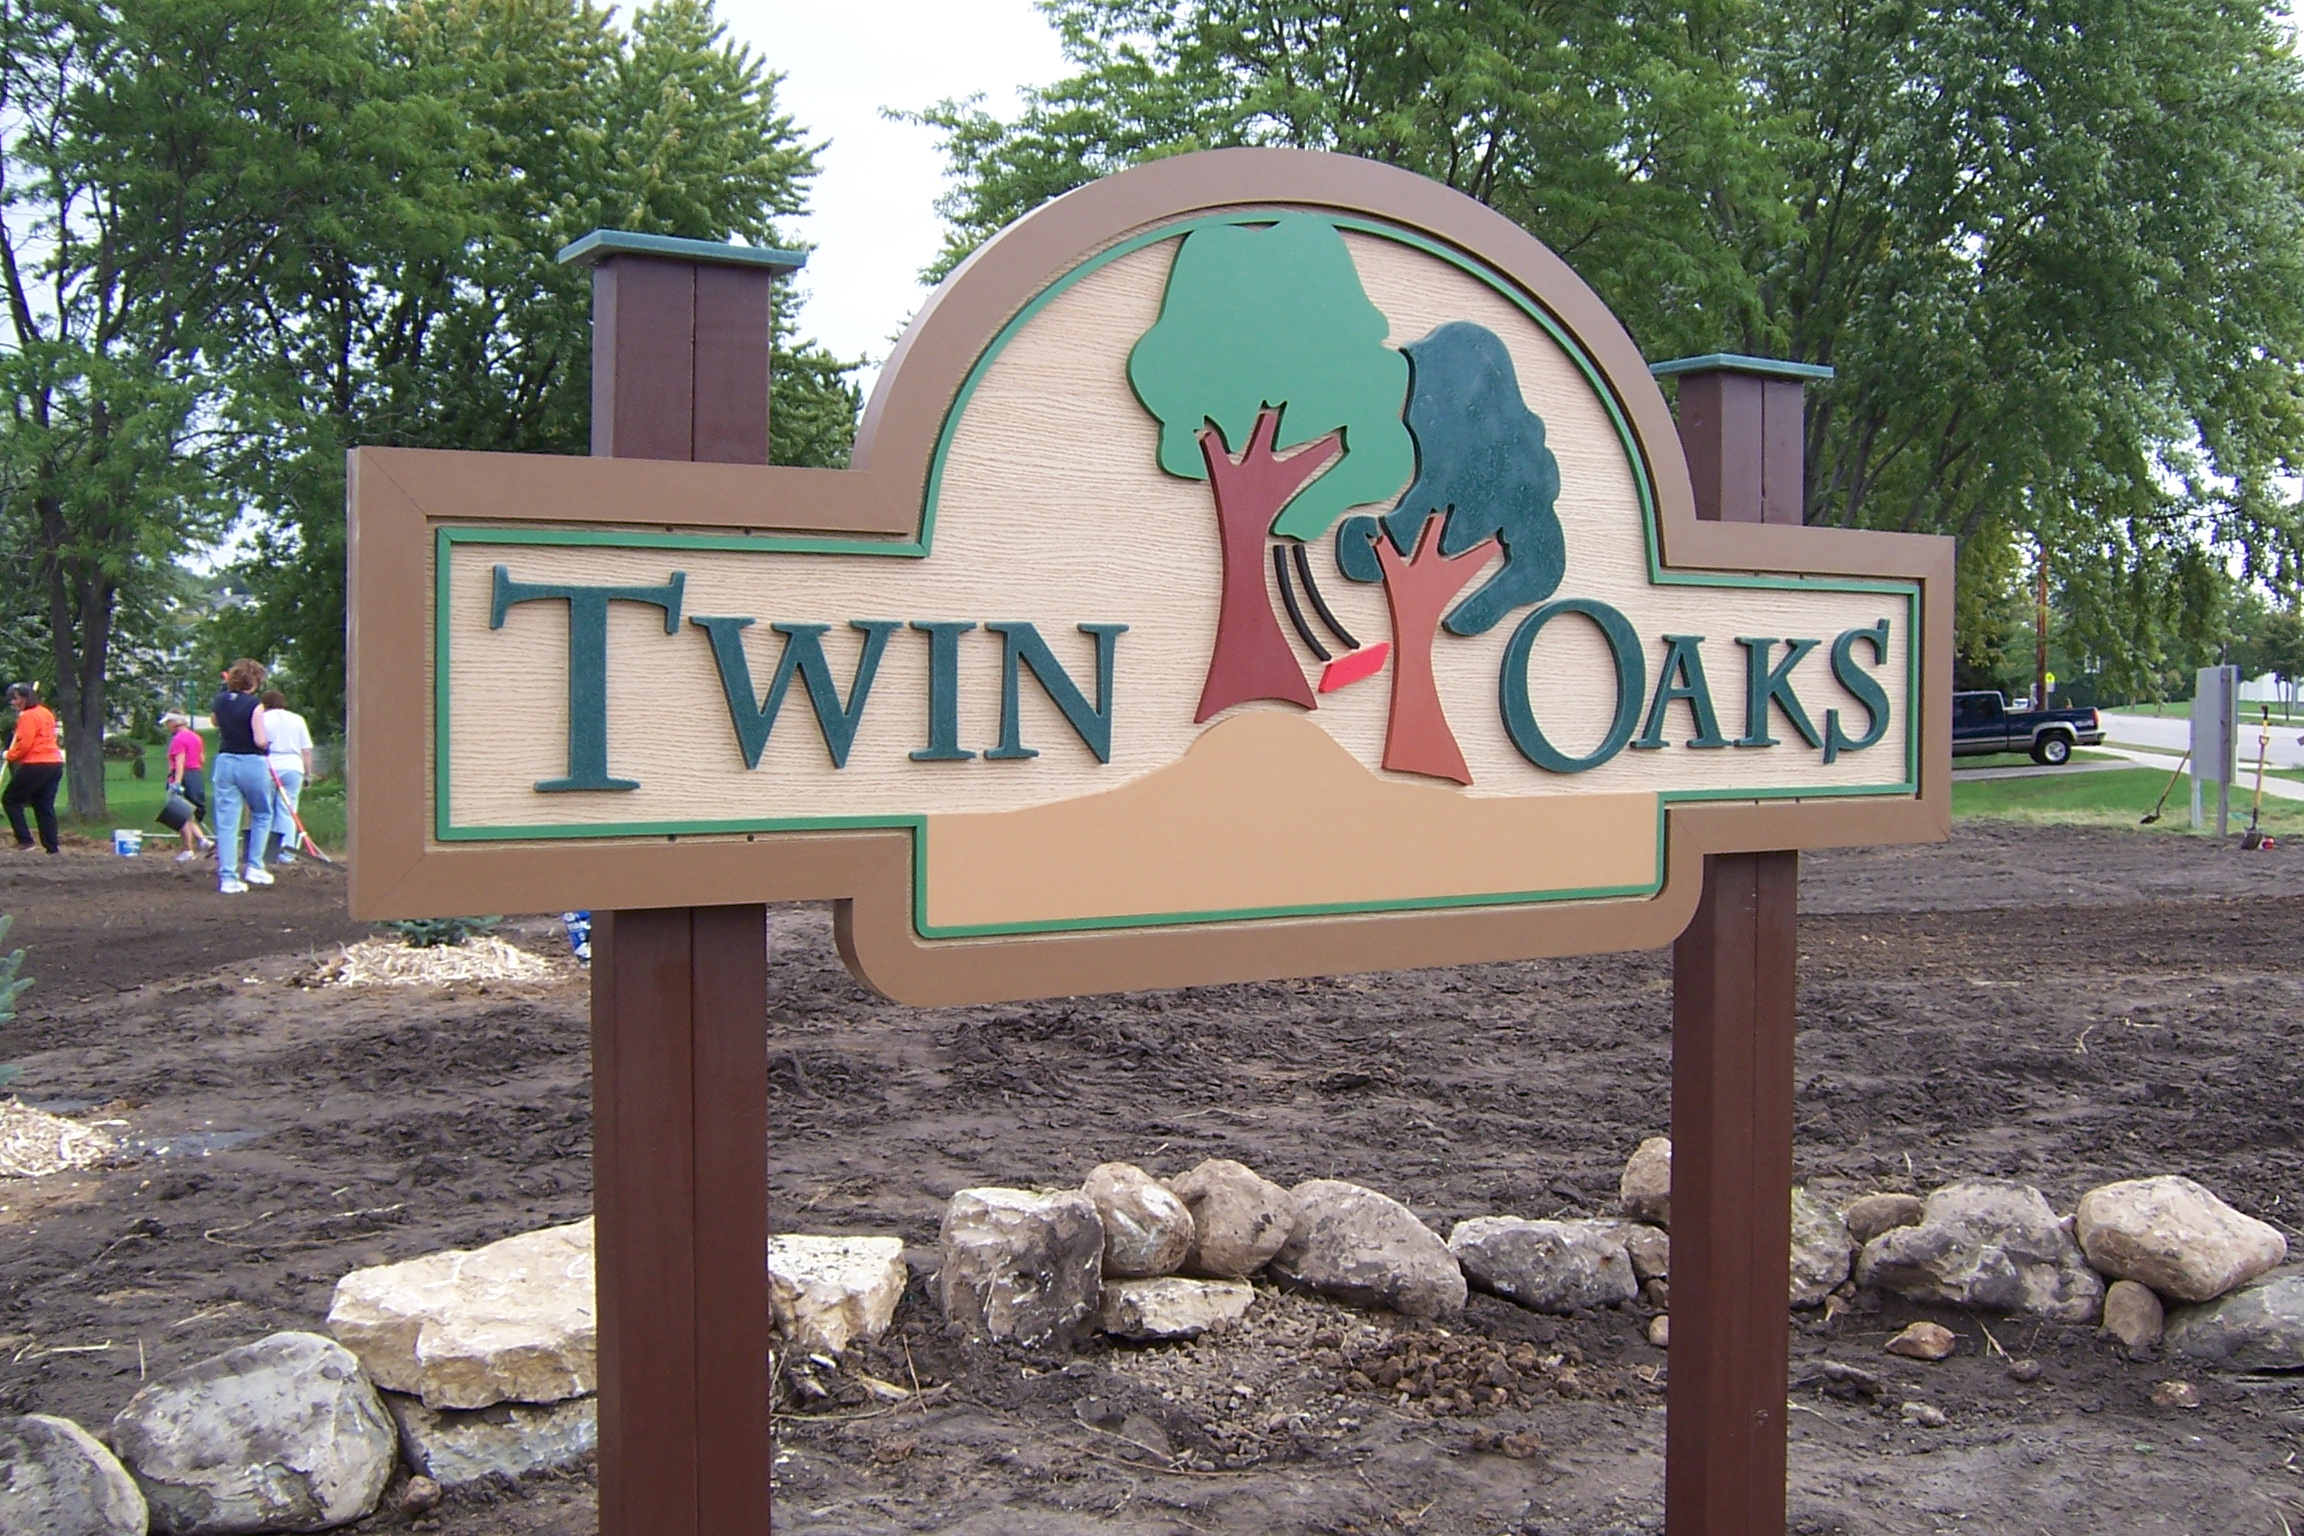 Neighborhood_twin_oaks.JPG